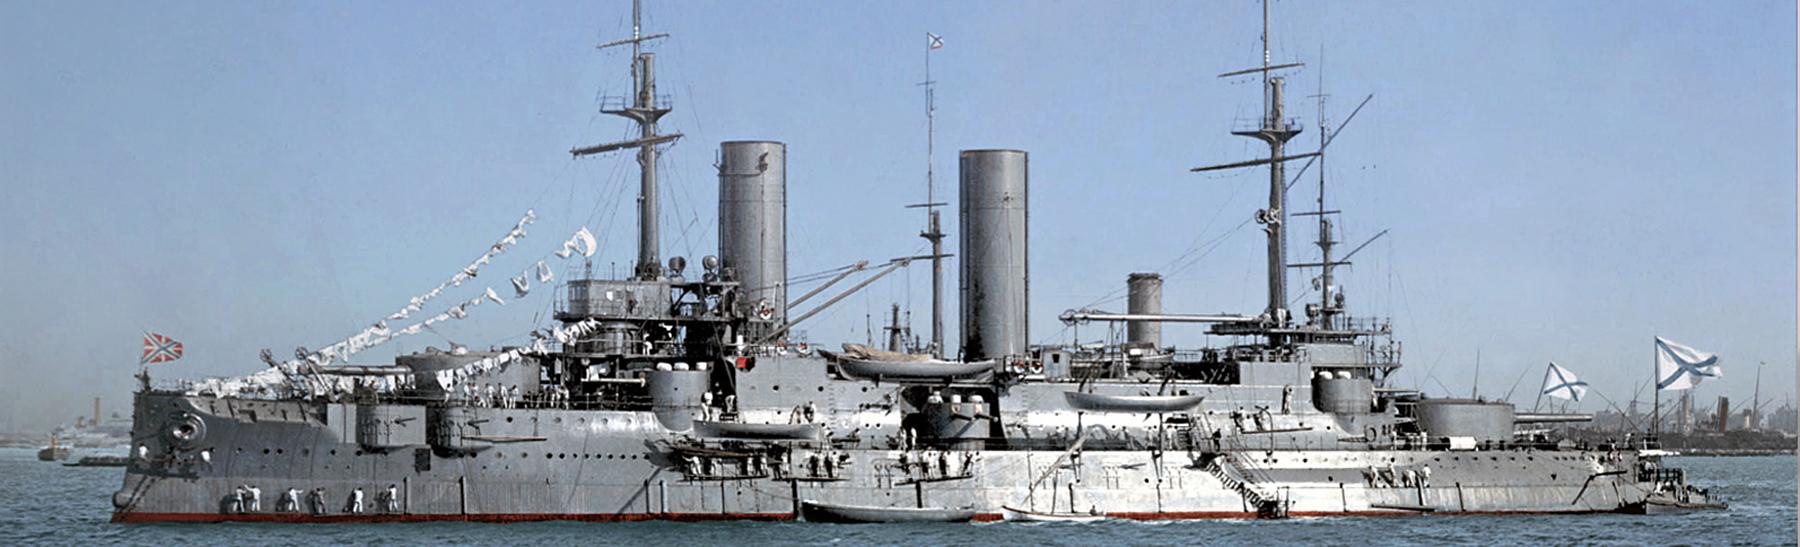 Borodino class battleships (1901)